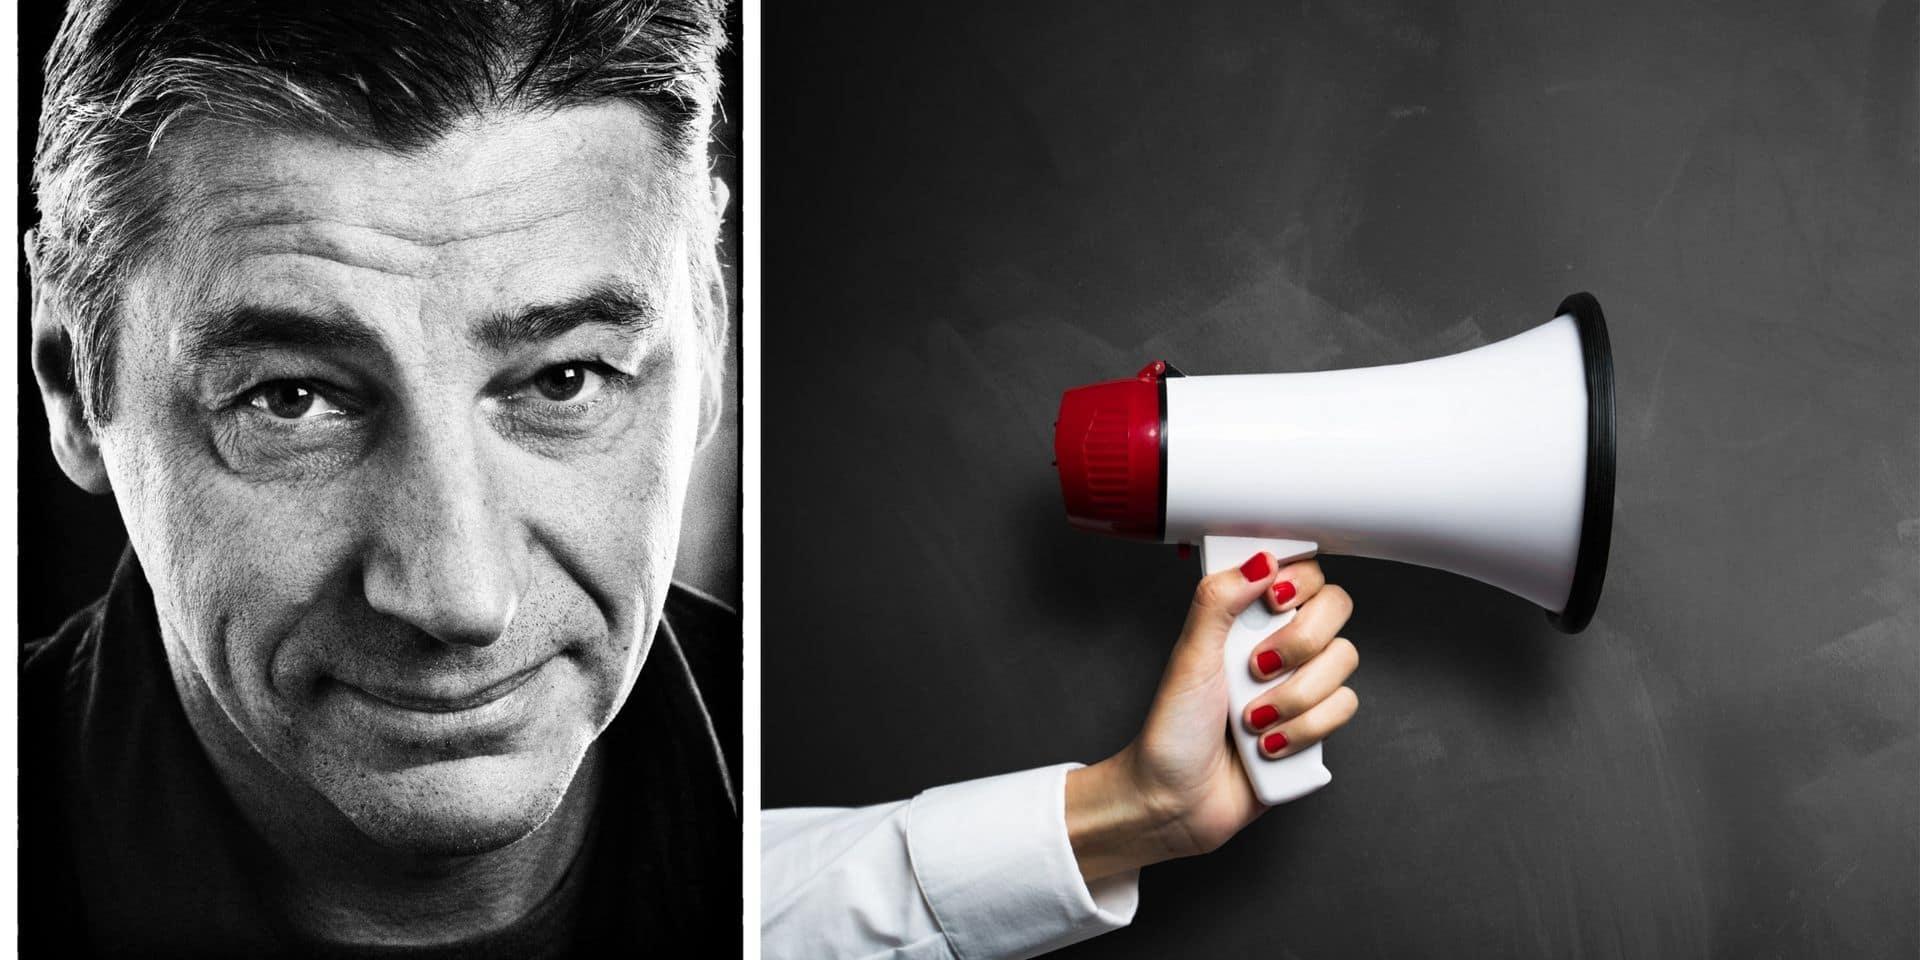 """Bruno Liesse: """"Les marques doivent absolument continuer à communiquer durant la crise du coronavirus"""""""